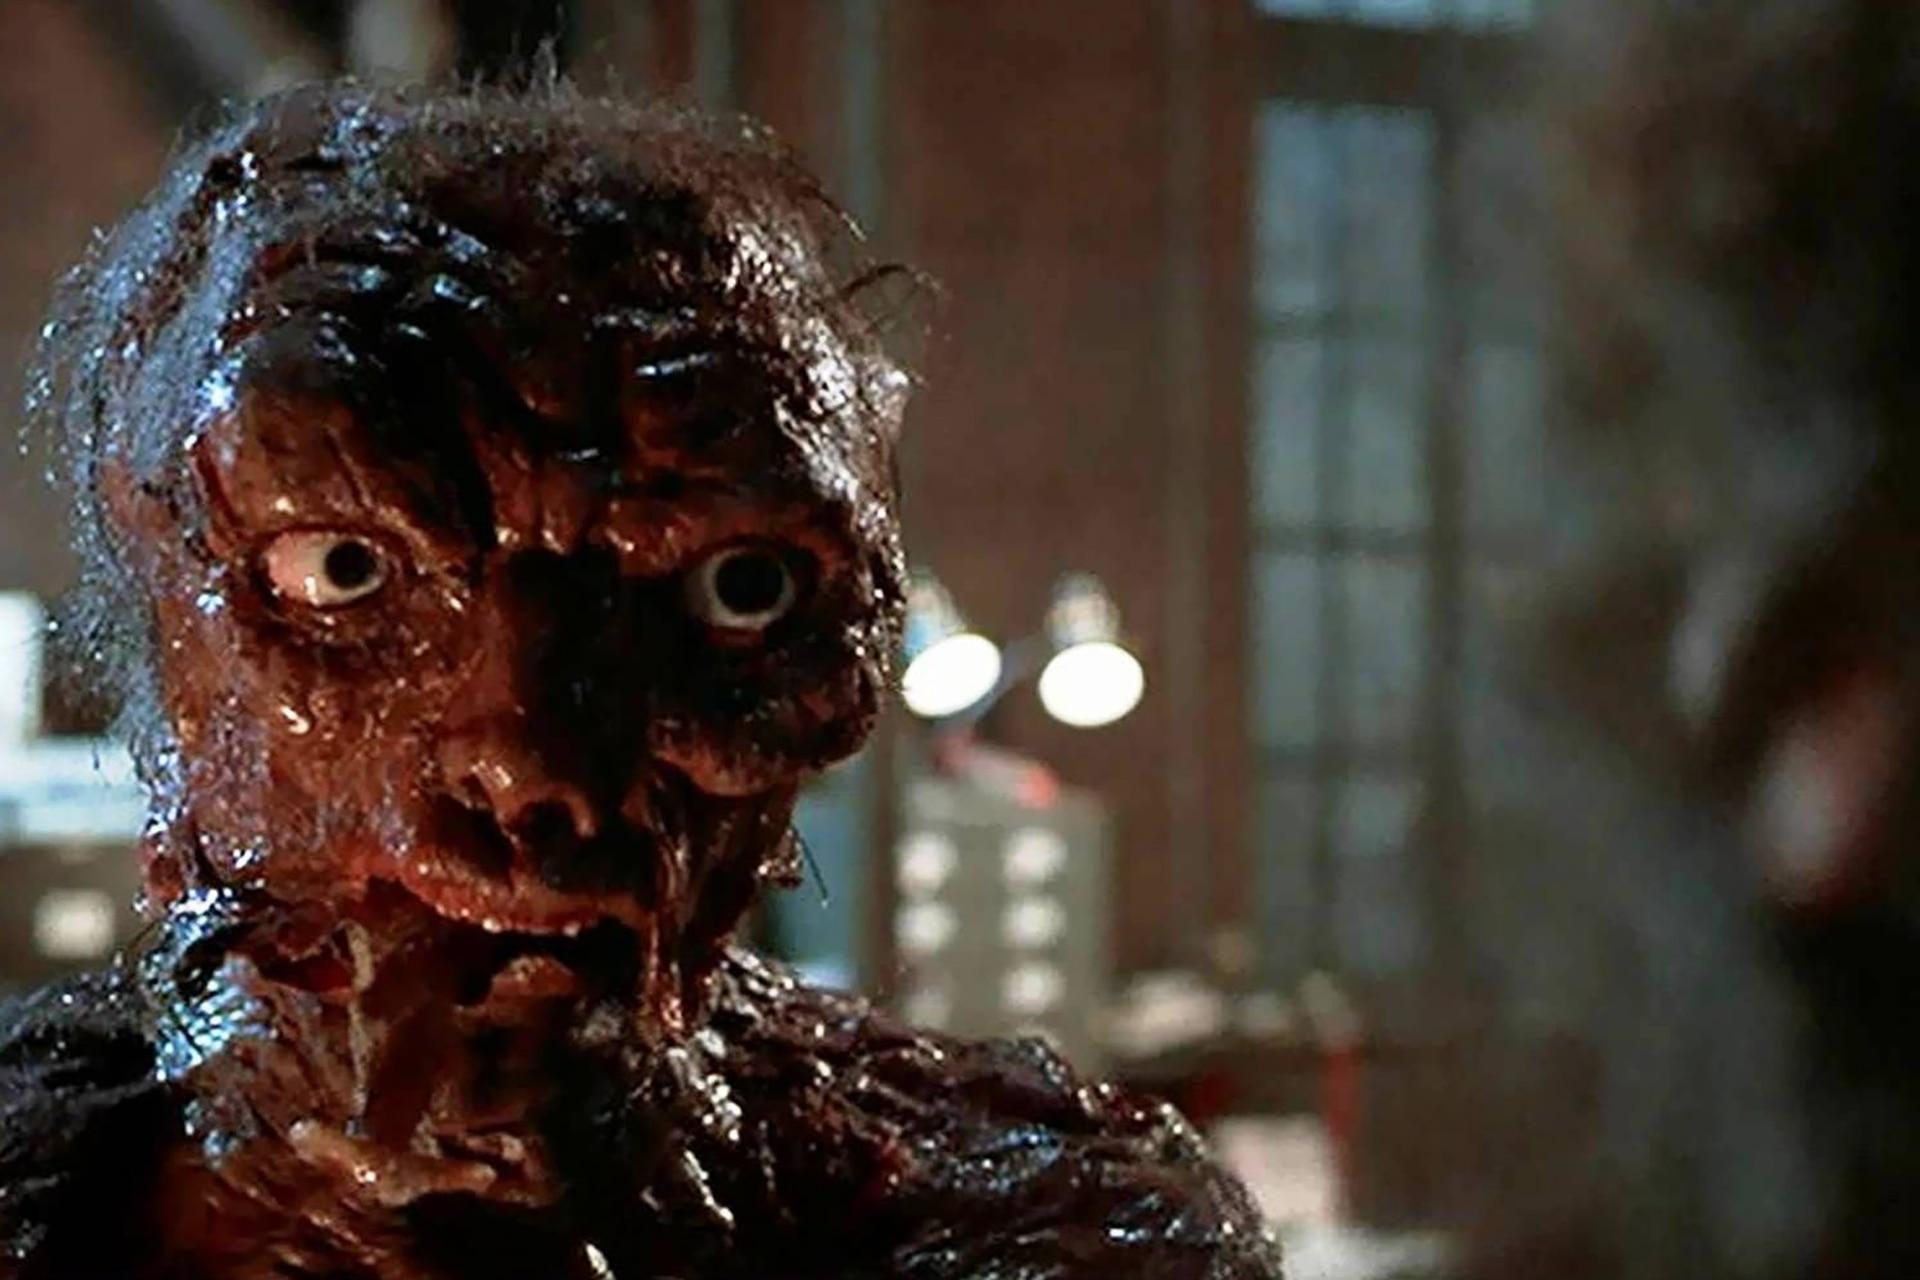 El film de Cronenberg, a diferencia de lo que ocurre en la mayoría de las películas de terror, reclama a la audiencia que se identifique con el monstruo